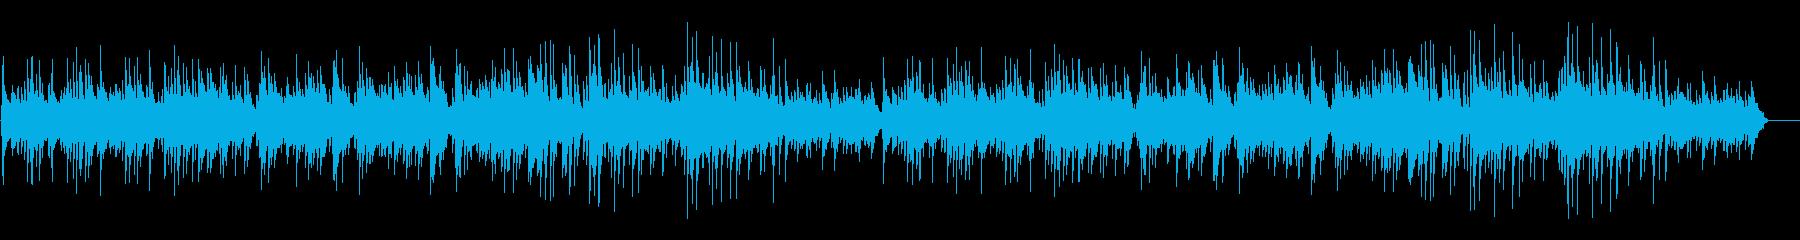 ギター&ピアノ・ノスタルジー・爽やか・vの再生済みの波形